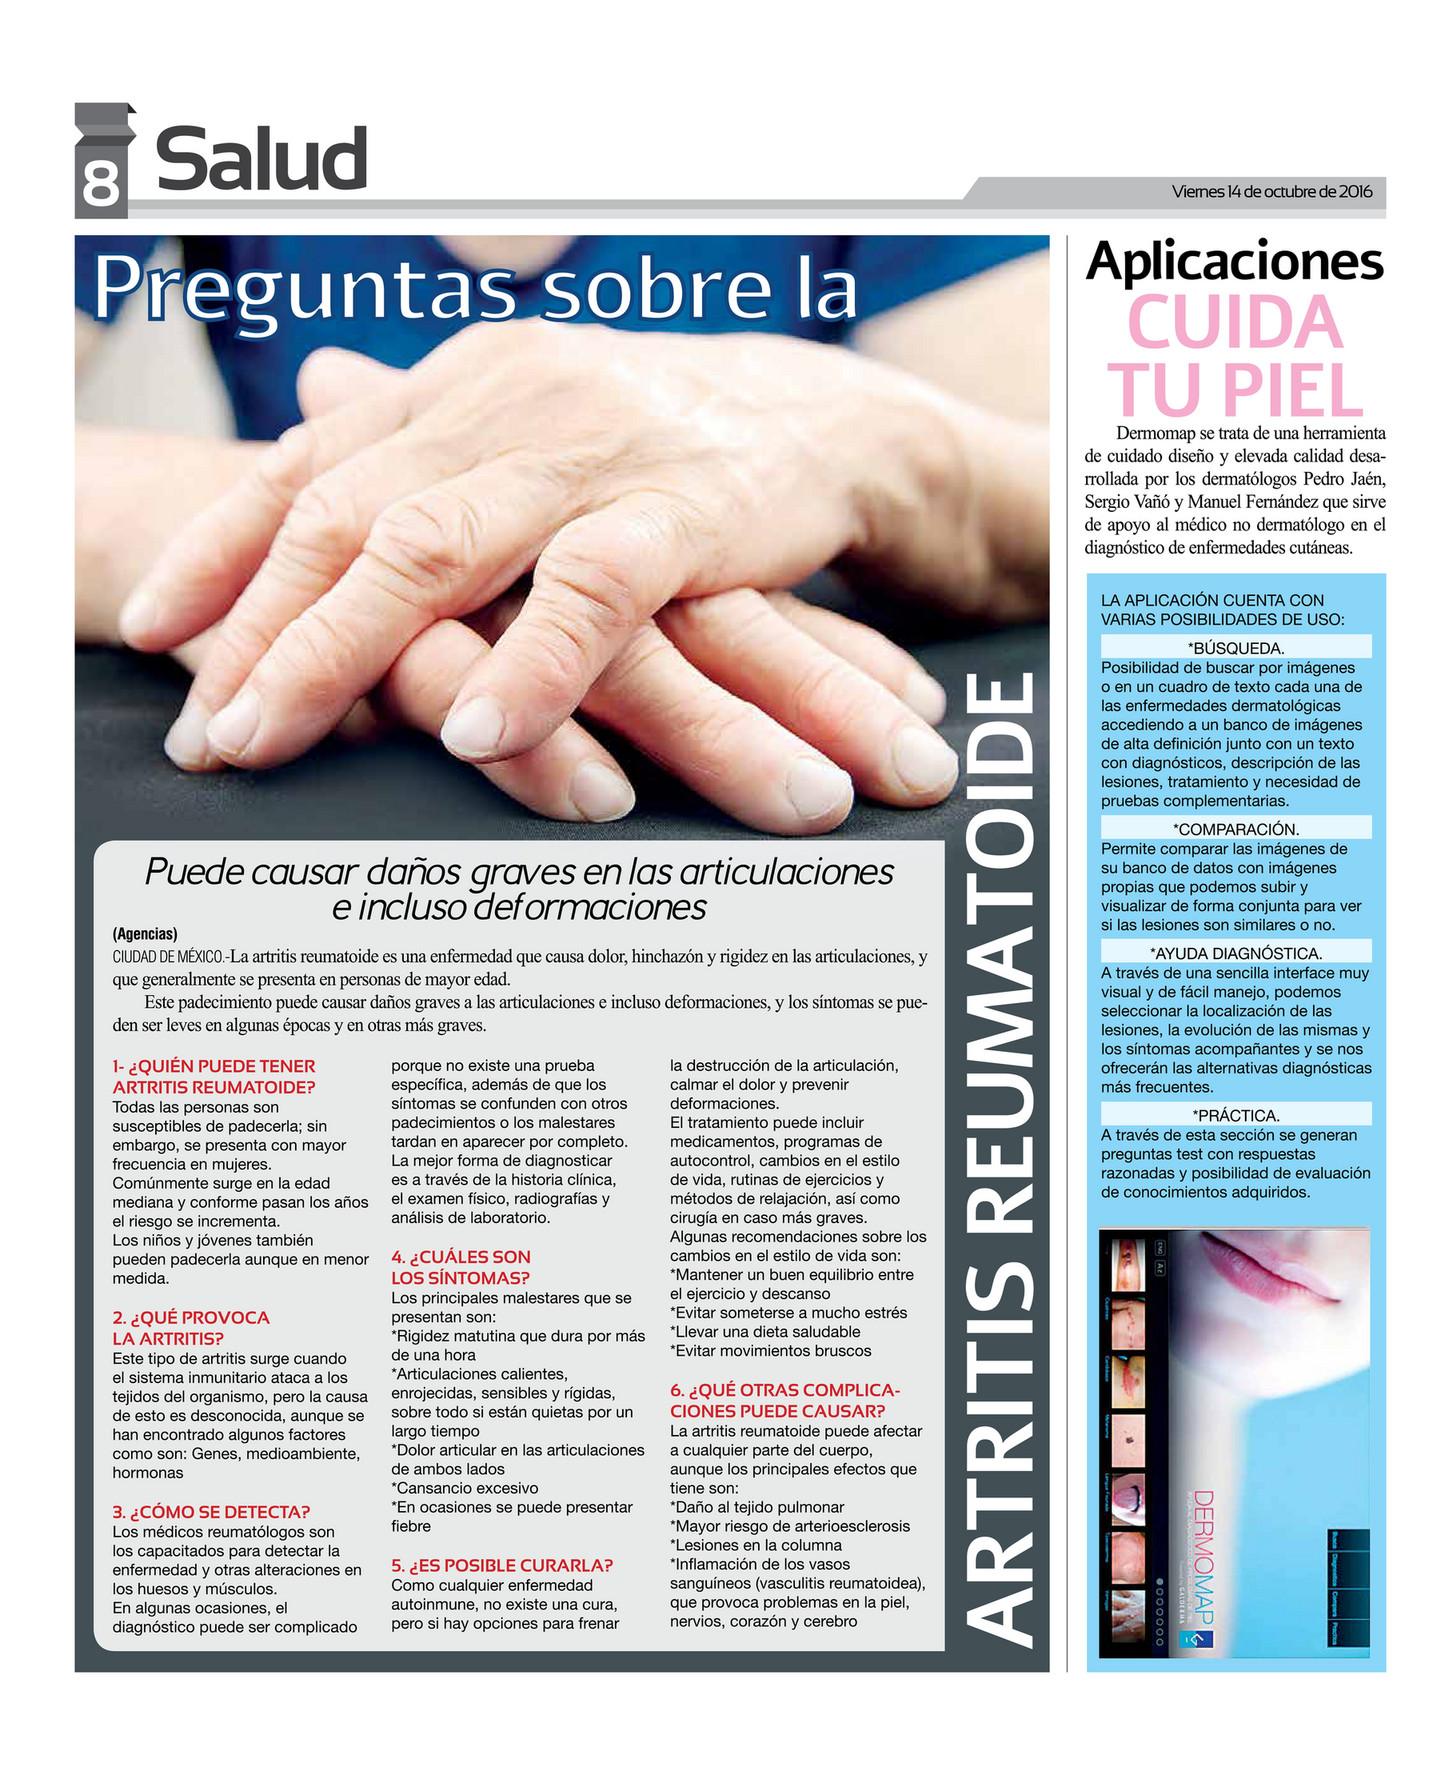 Impreso LA VERDAD PORTADA 14 OCTUBRE 2016 HERMOSILLO BUENO